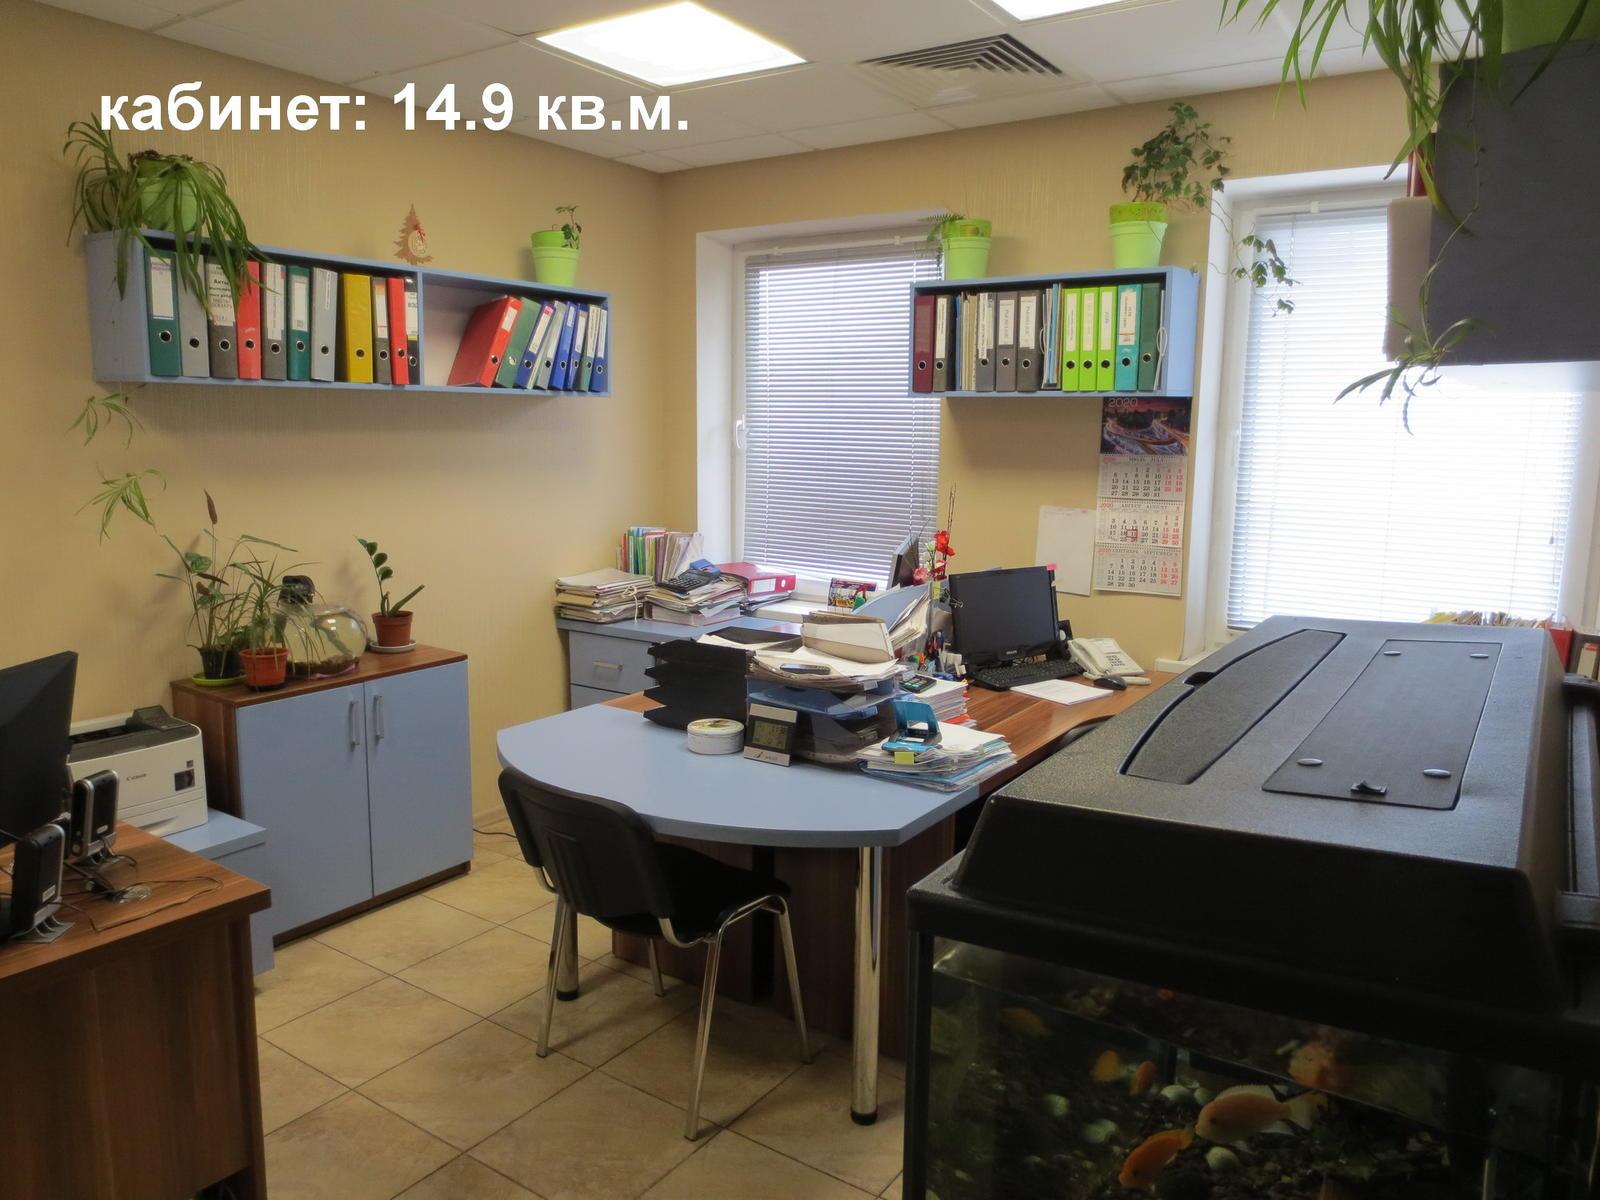 Продажа торгового помещения на ул. Одоевского, д. 115/А в Минске - фото 4